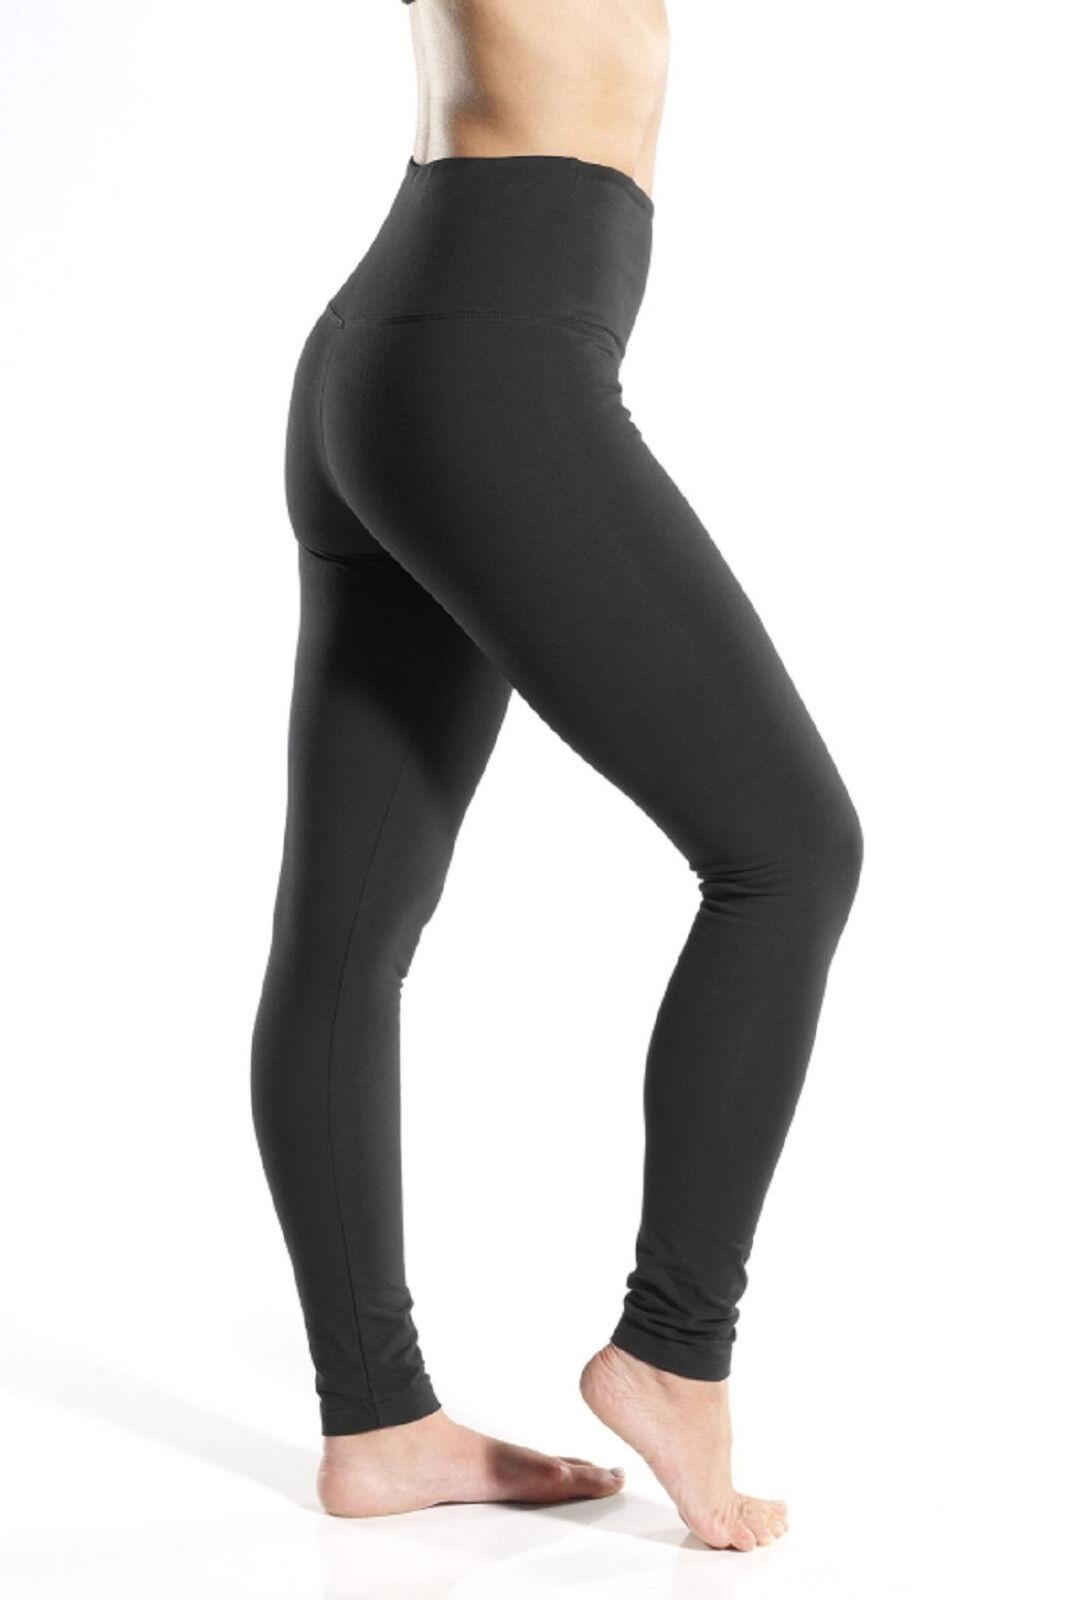 US S Lysse BLACK SHINE Leggings Full Length Shaping Legging